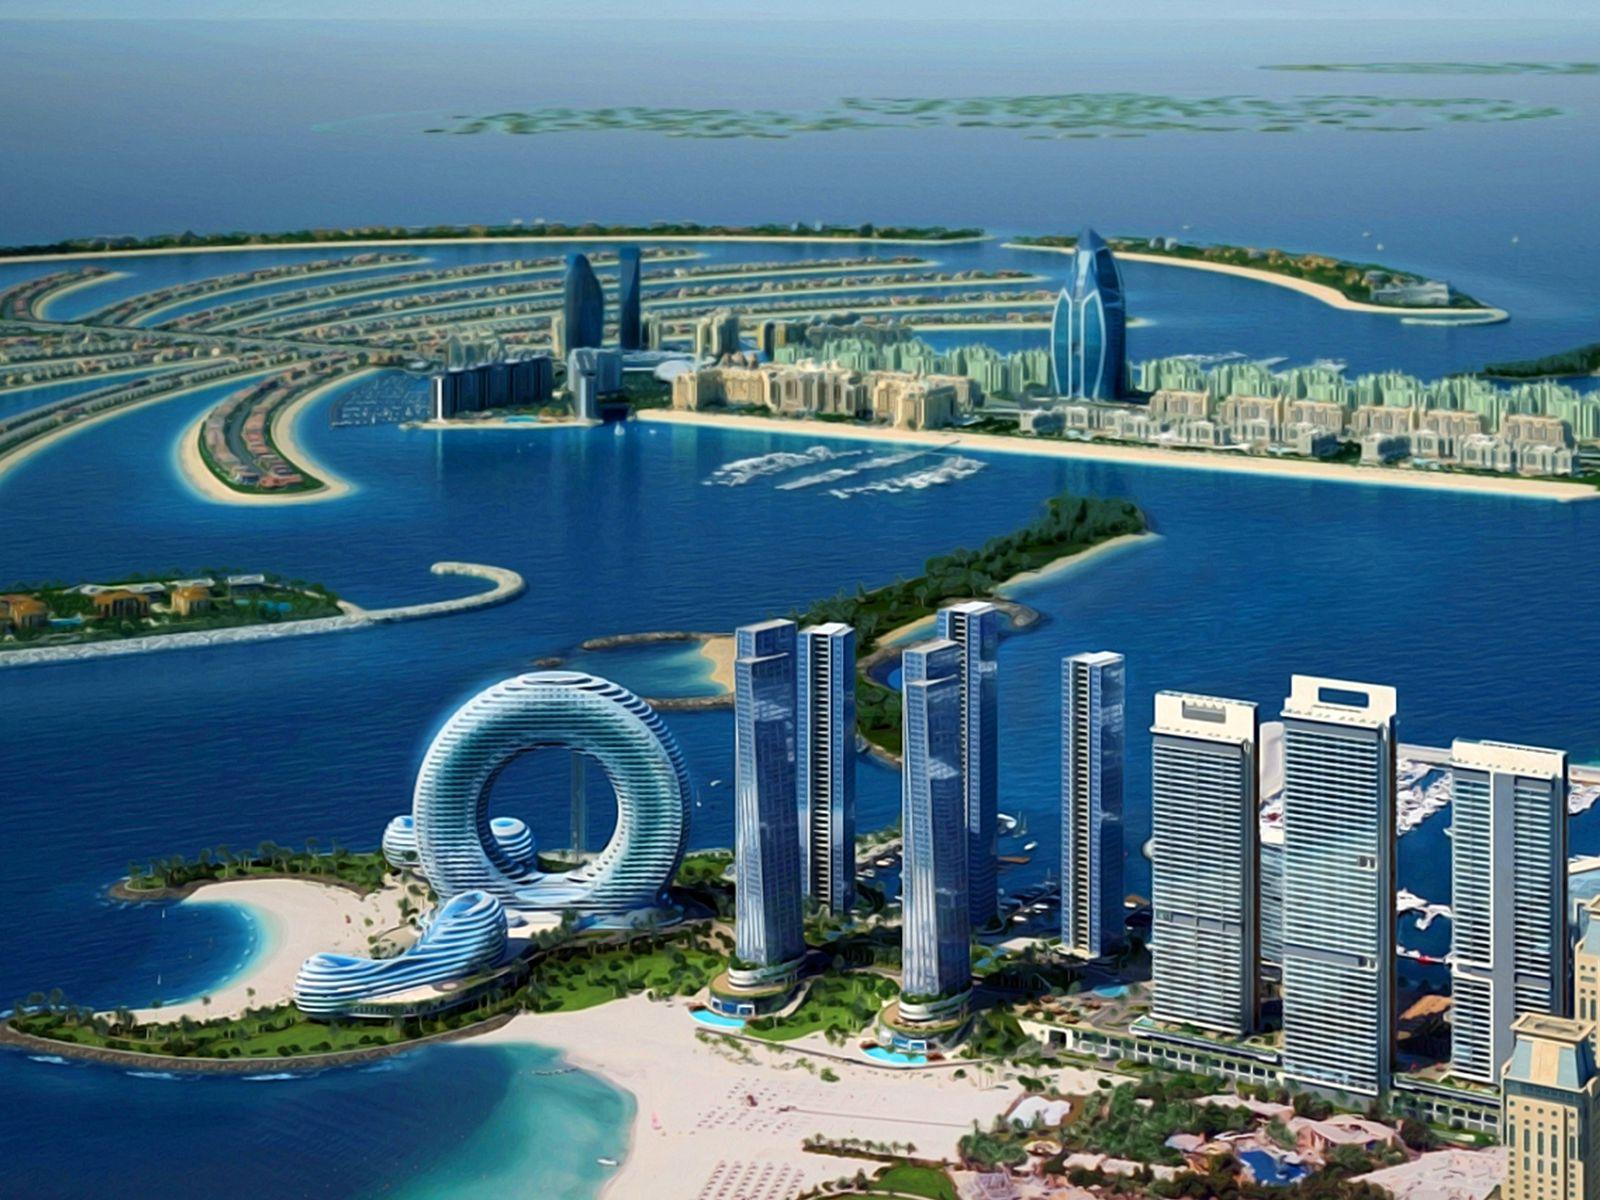 DUBÁI Y ABU DHABI<br />9 DÍAS 8 NOCHES -Caribe Viajes y Congresos Mayari, Agencia de Viajes y servicios Turísticos